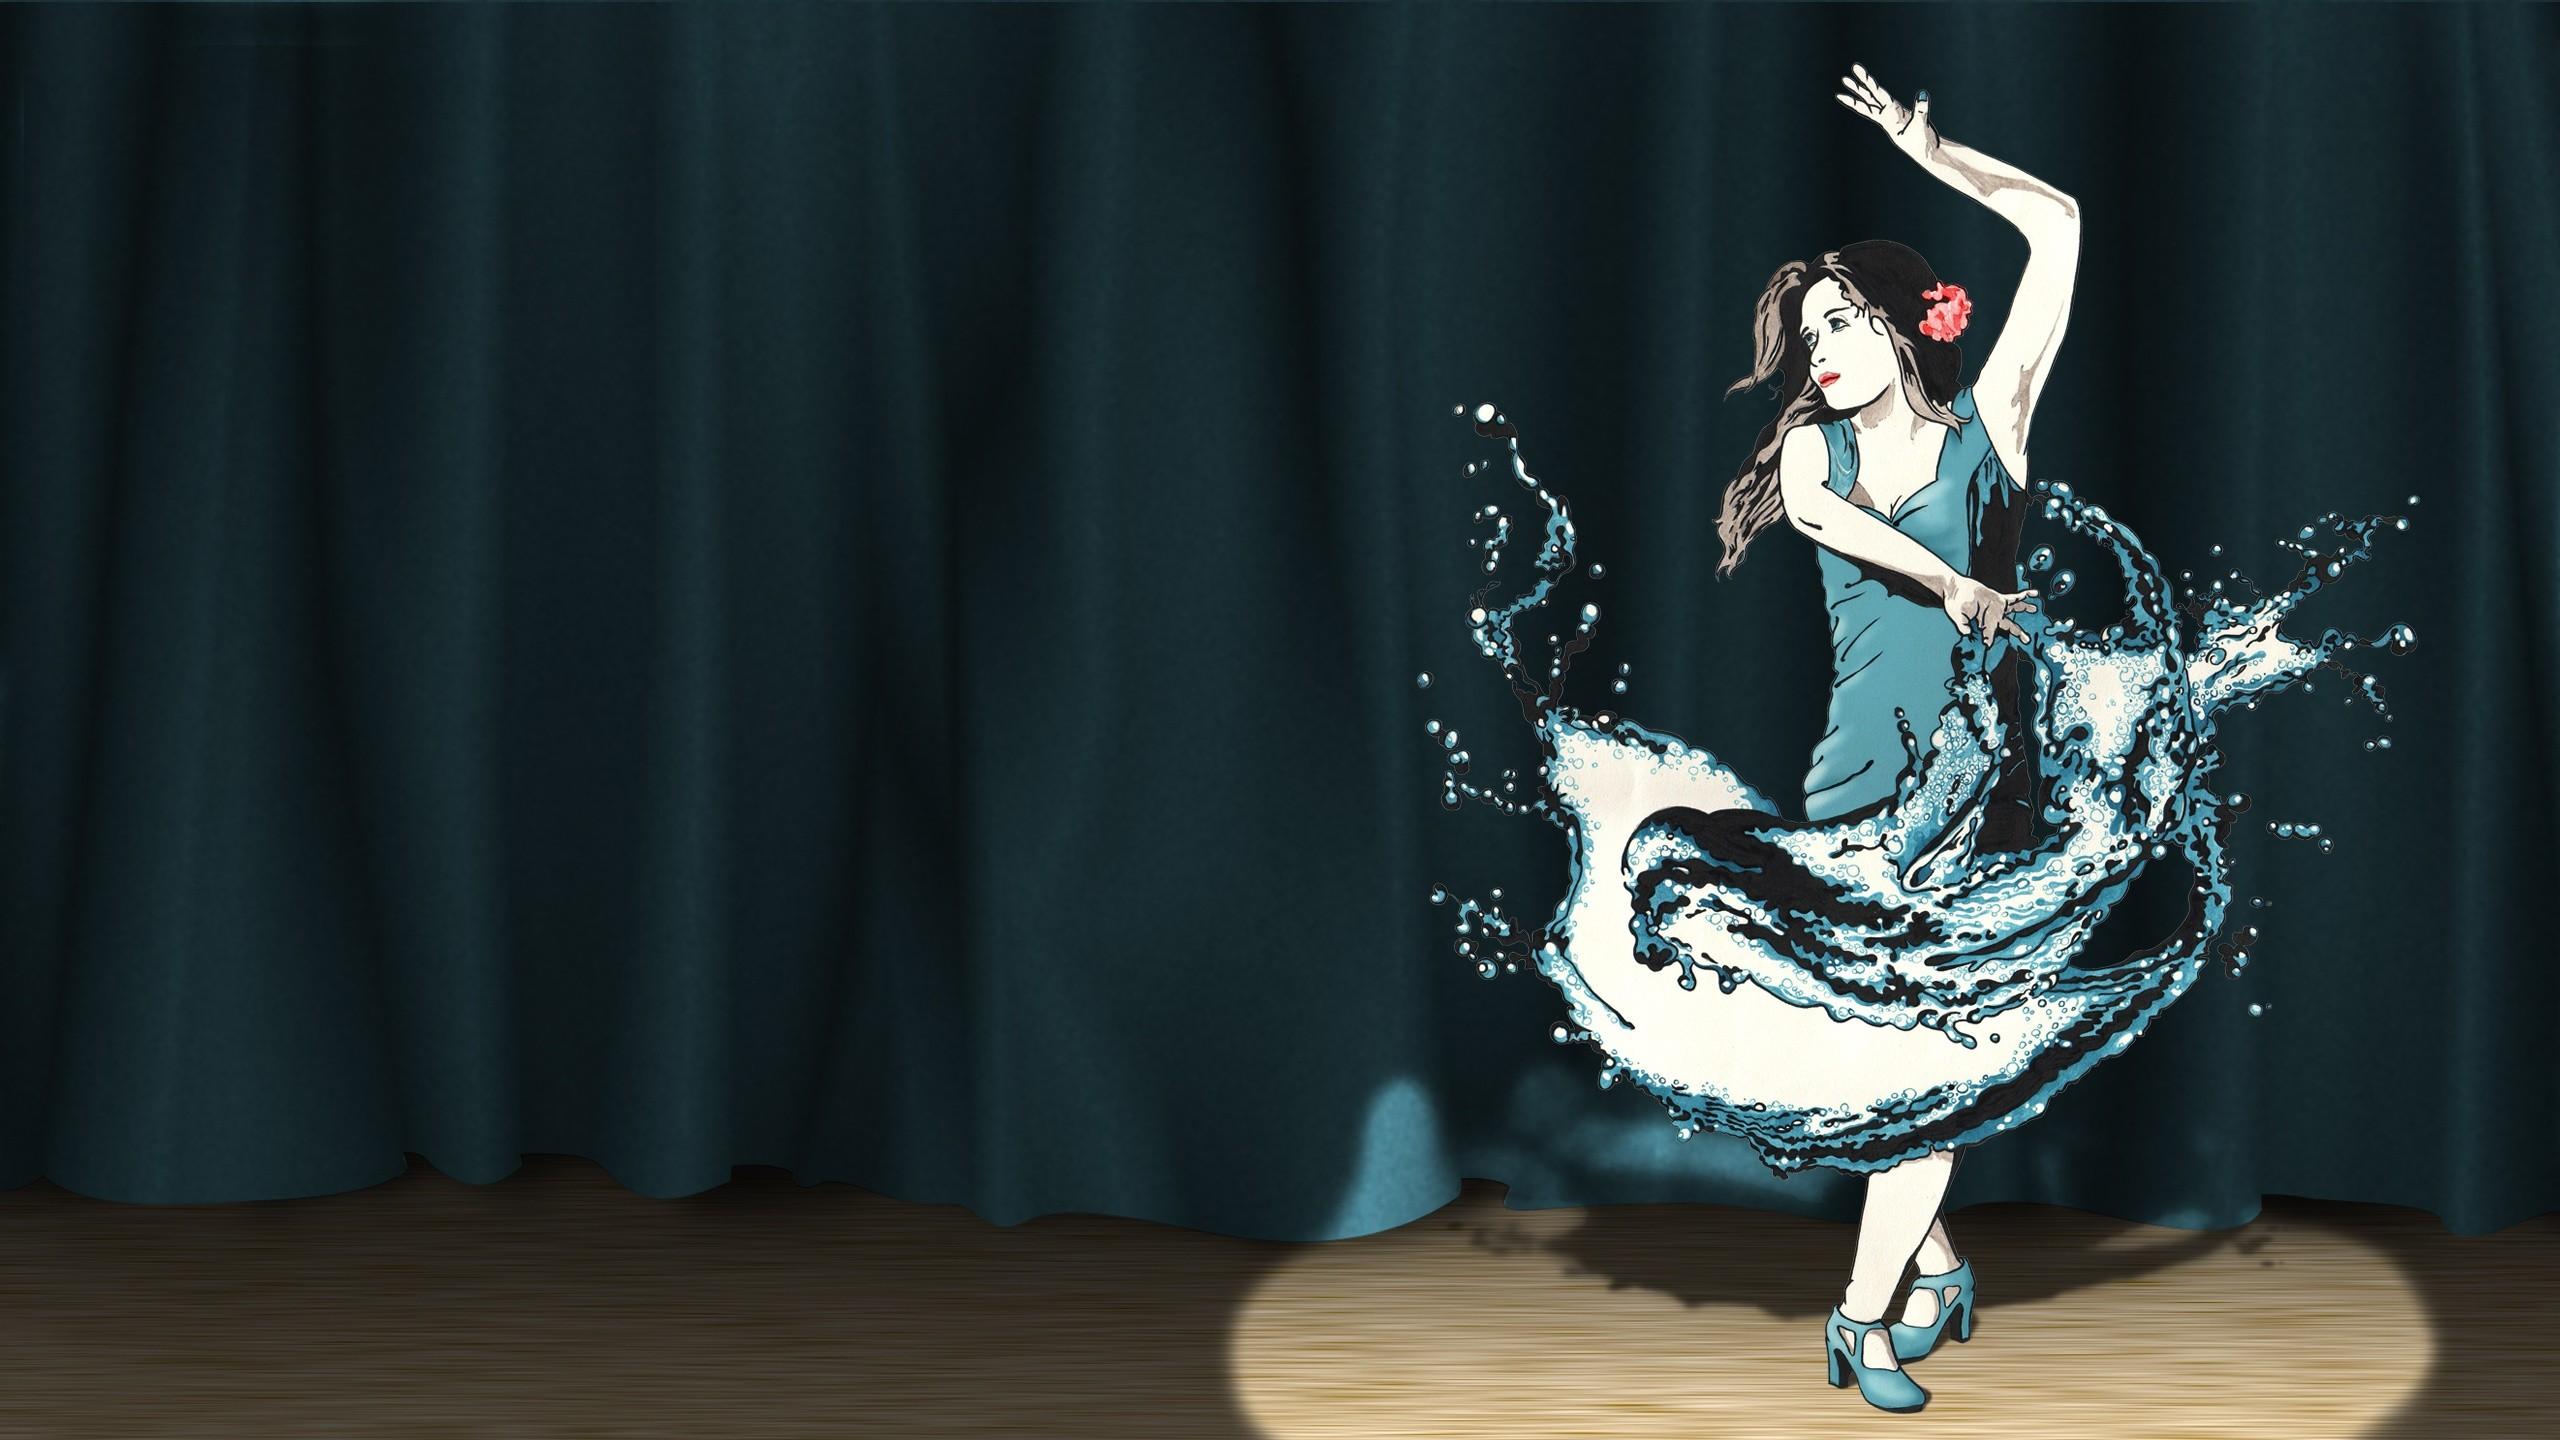 dance computer wallpapers desktop backgrounds 2560x1440